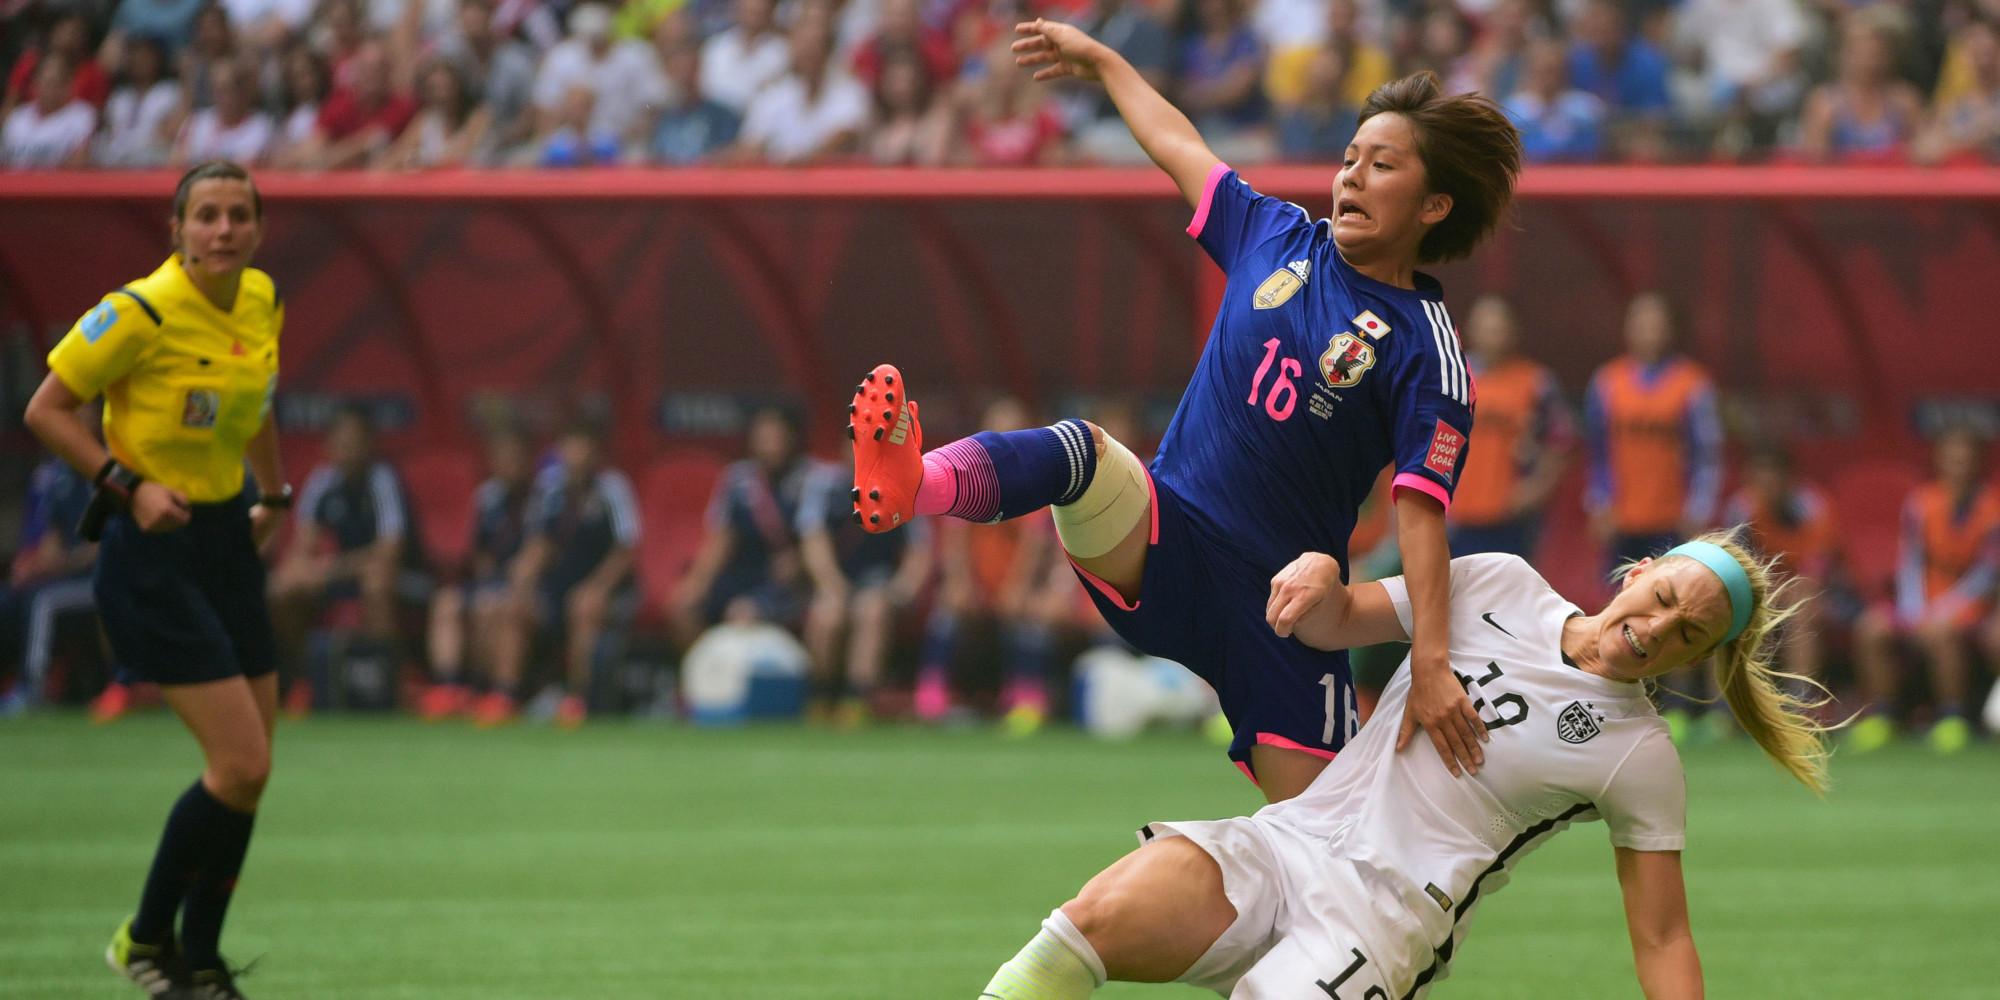 Coupe du monde de football f minin 2015 le r sum et les - Finale coupe du monde foot ...